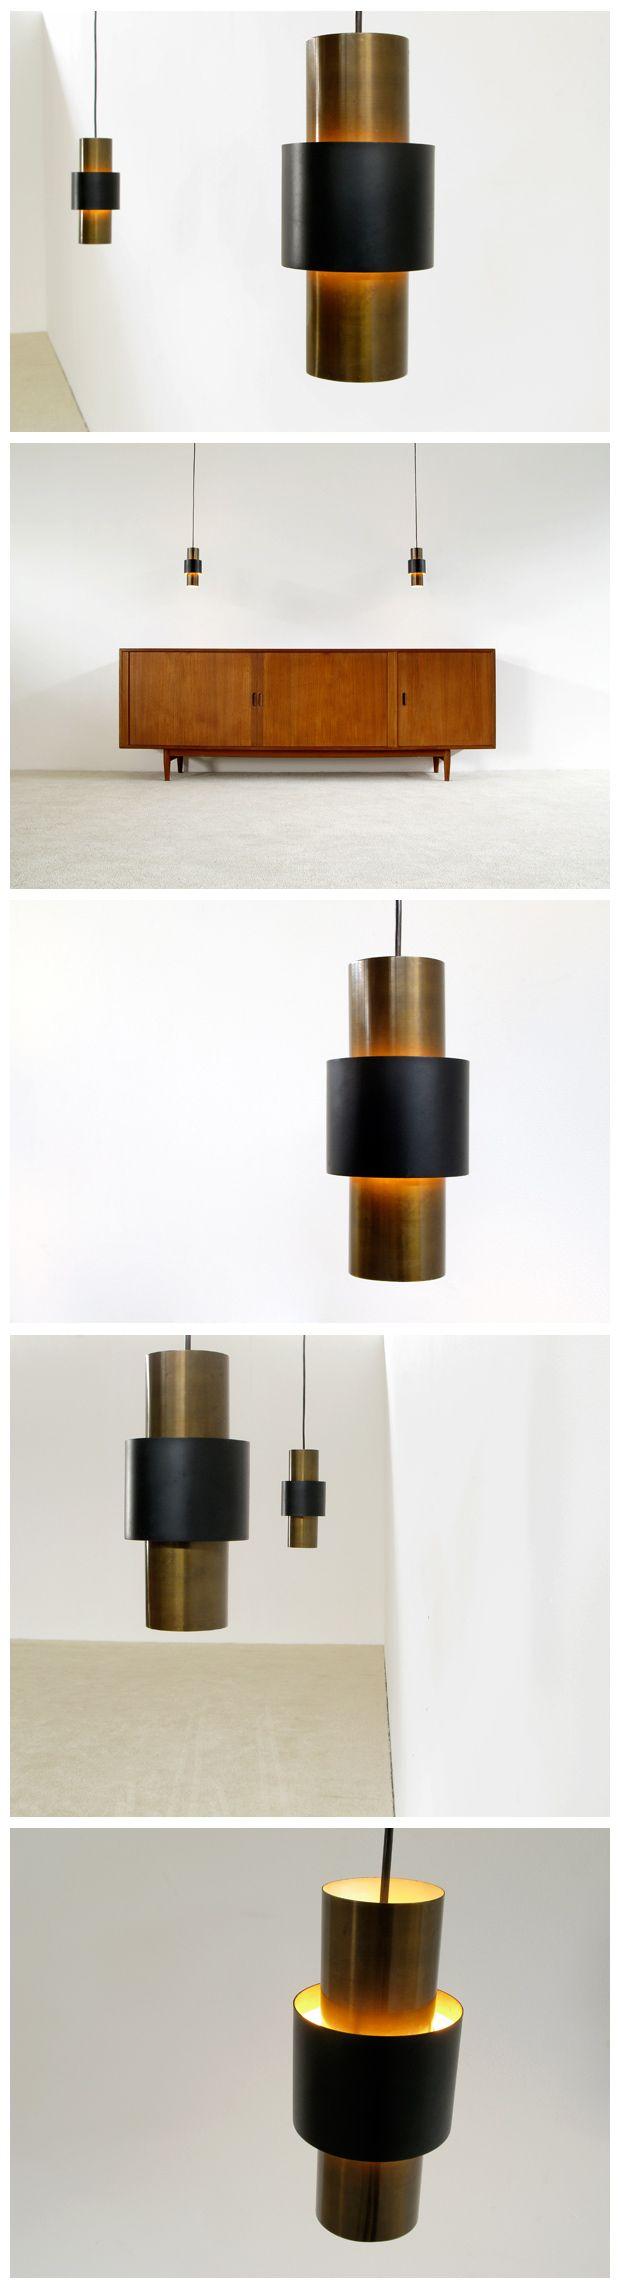 Pair of Tunika pendant ceiling lamps Jo Hammerborg Fog &  Murop